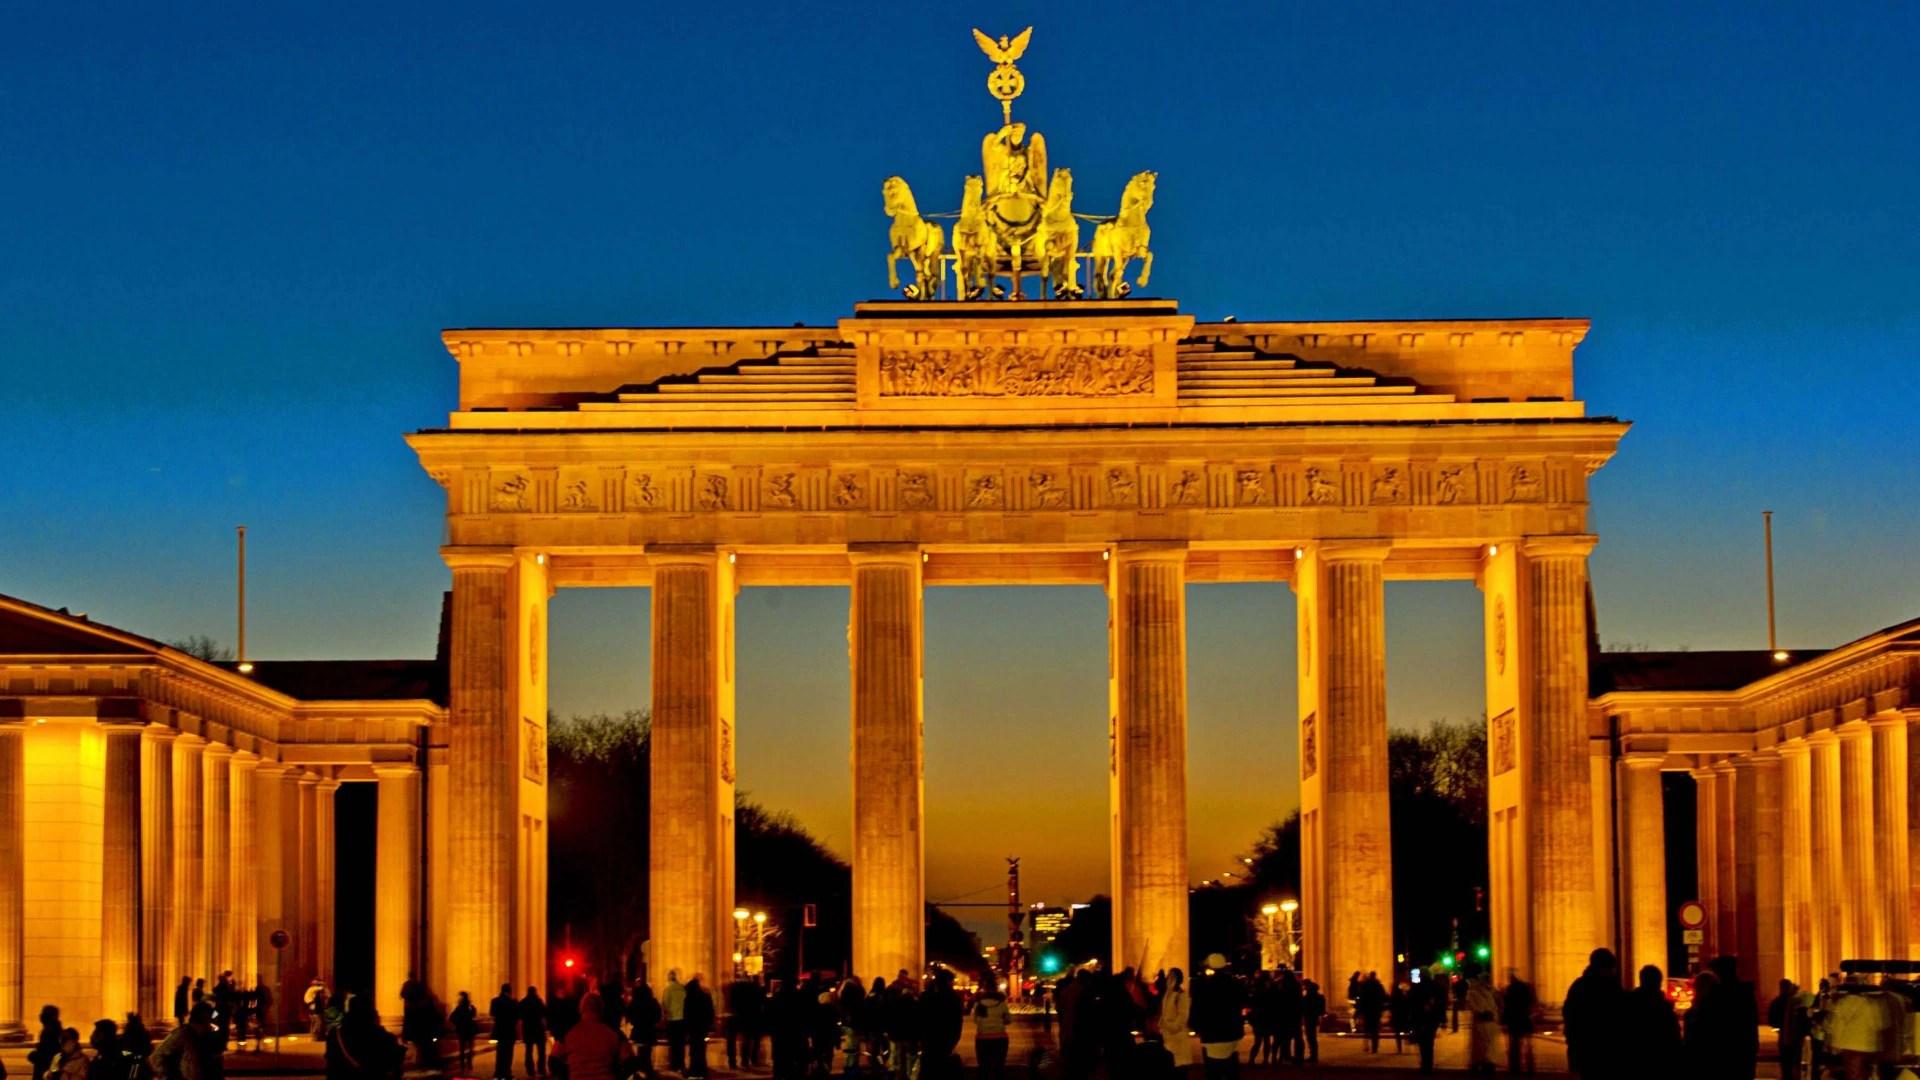 Wallpaper Mobil Sport Hd Brandenburger Tor Bei Nacht B Z Berlin